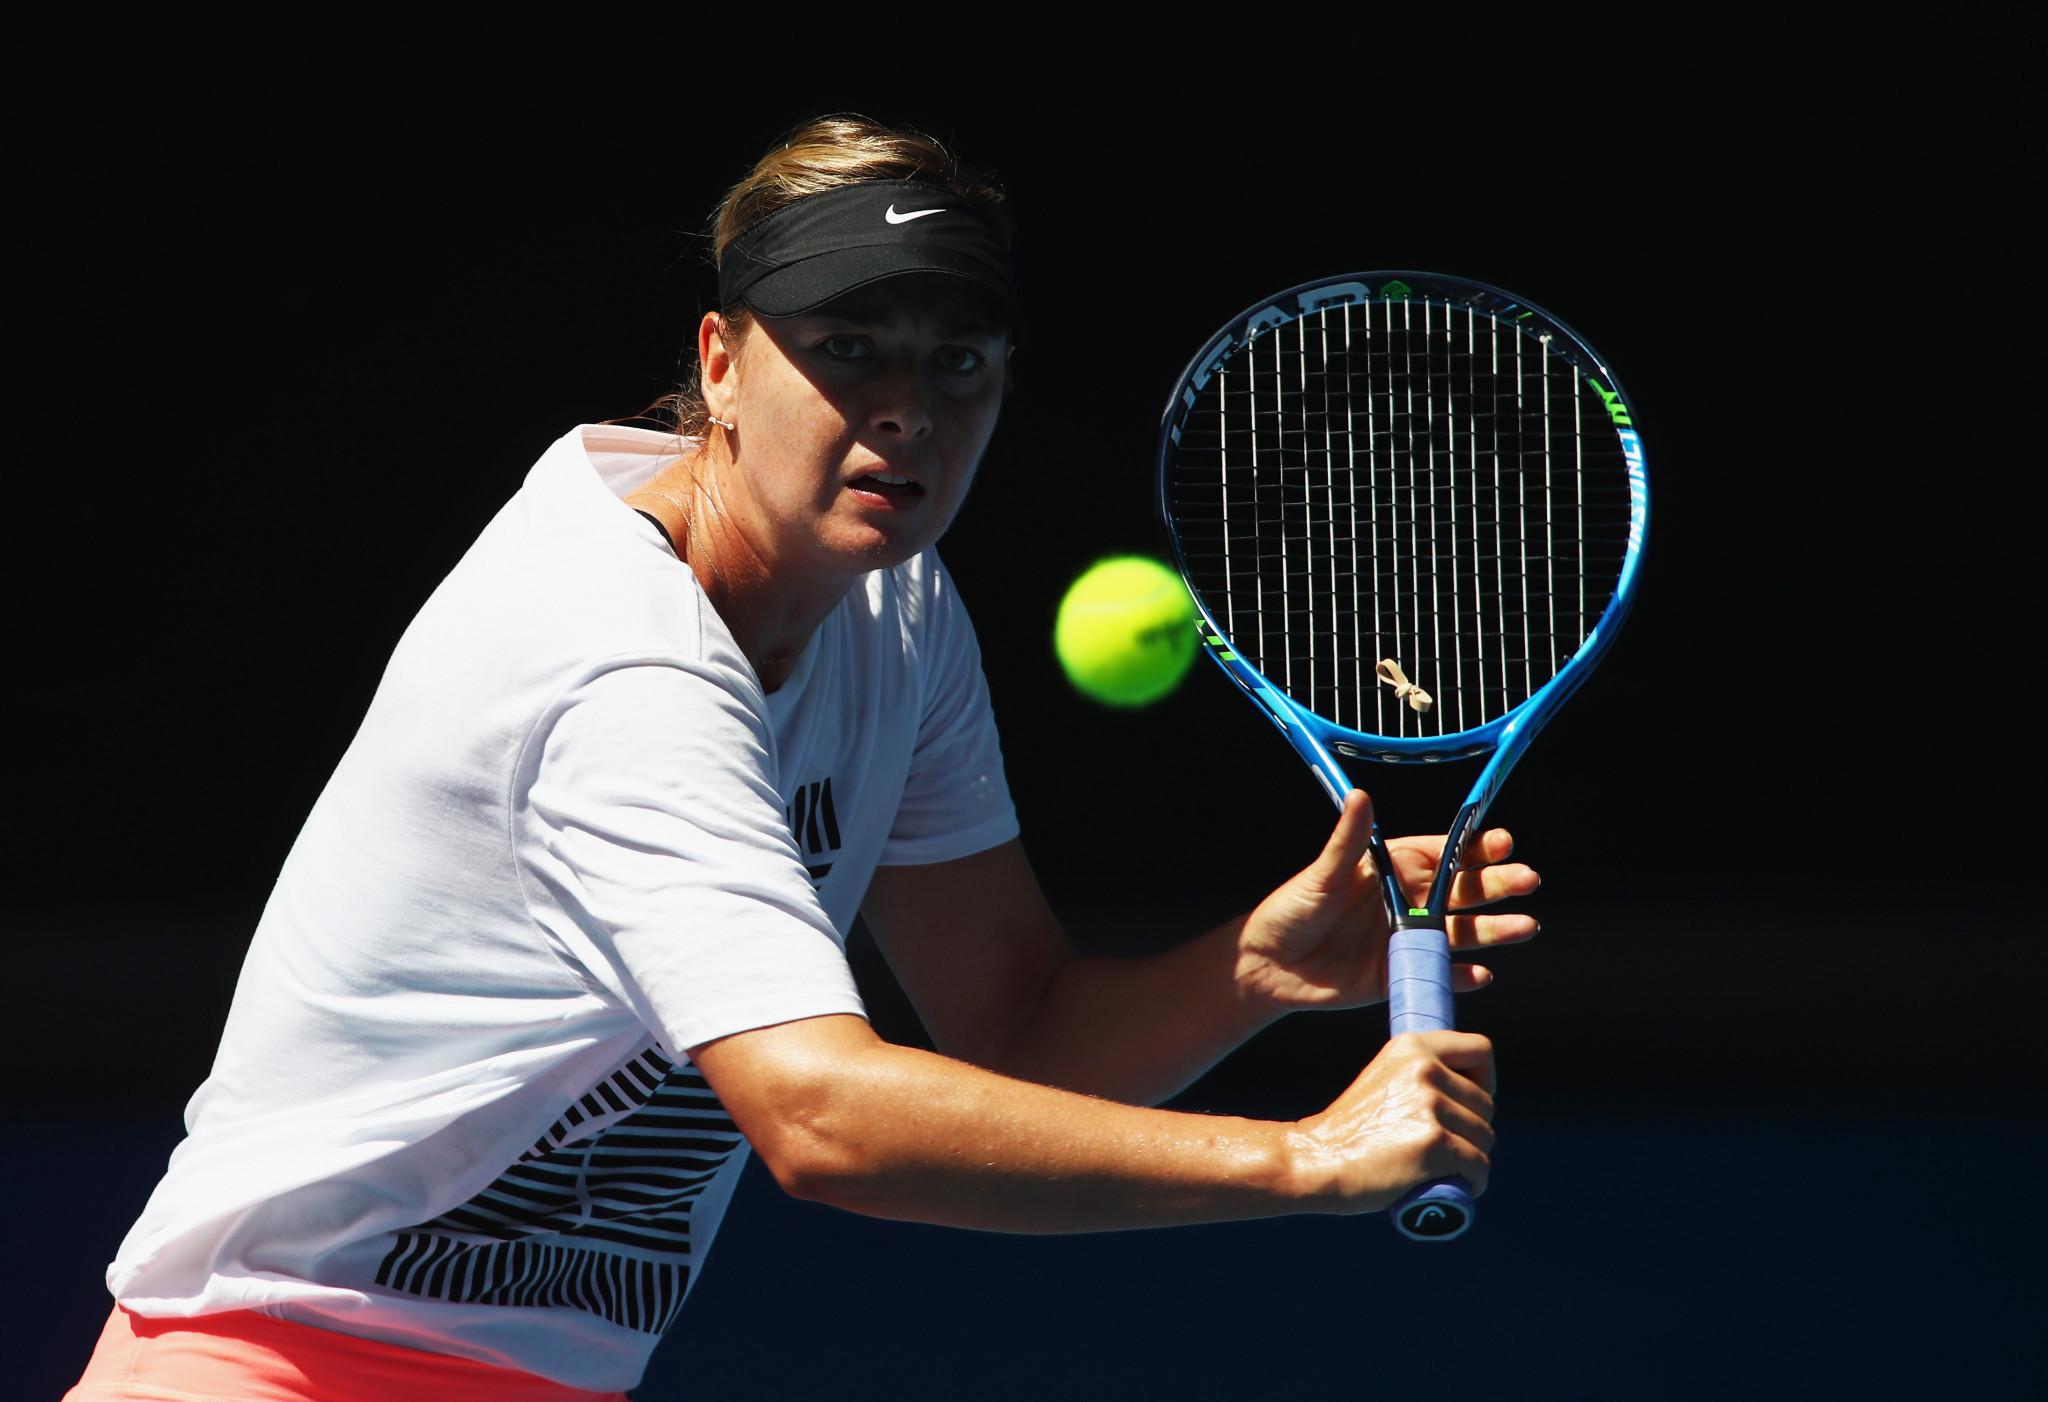 Sharapova set for Australian Open return as Nadal headlines action on opening day in Melbourne